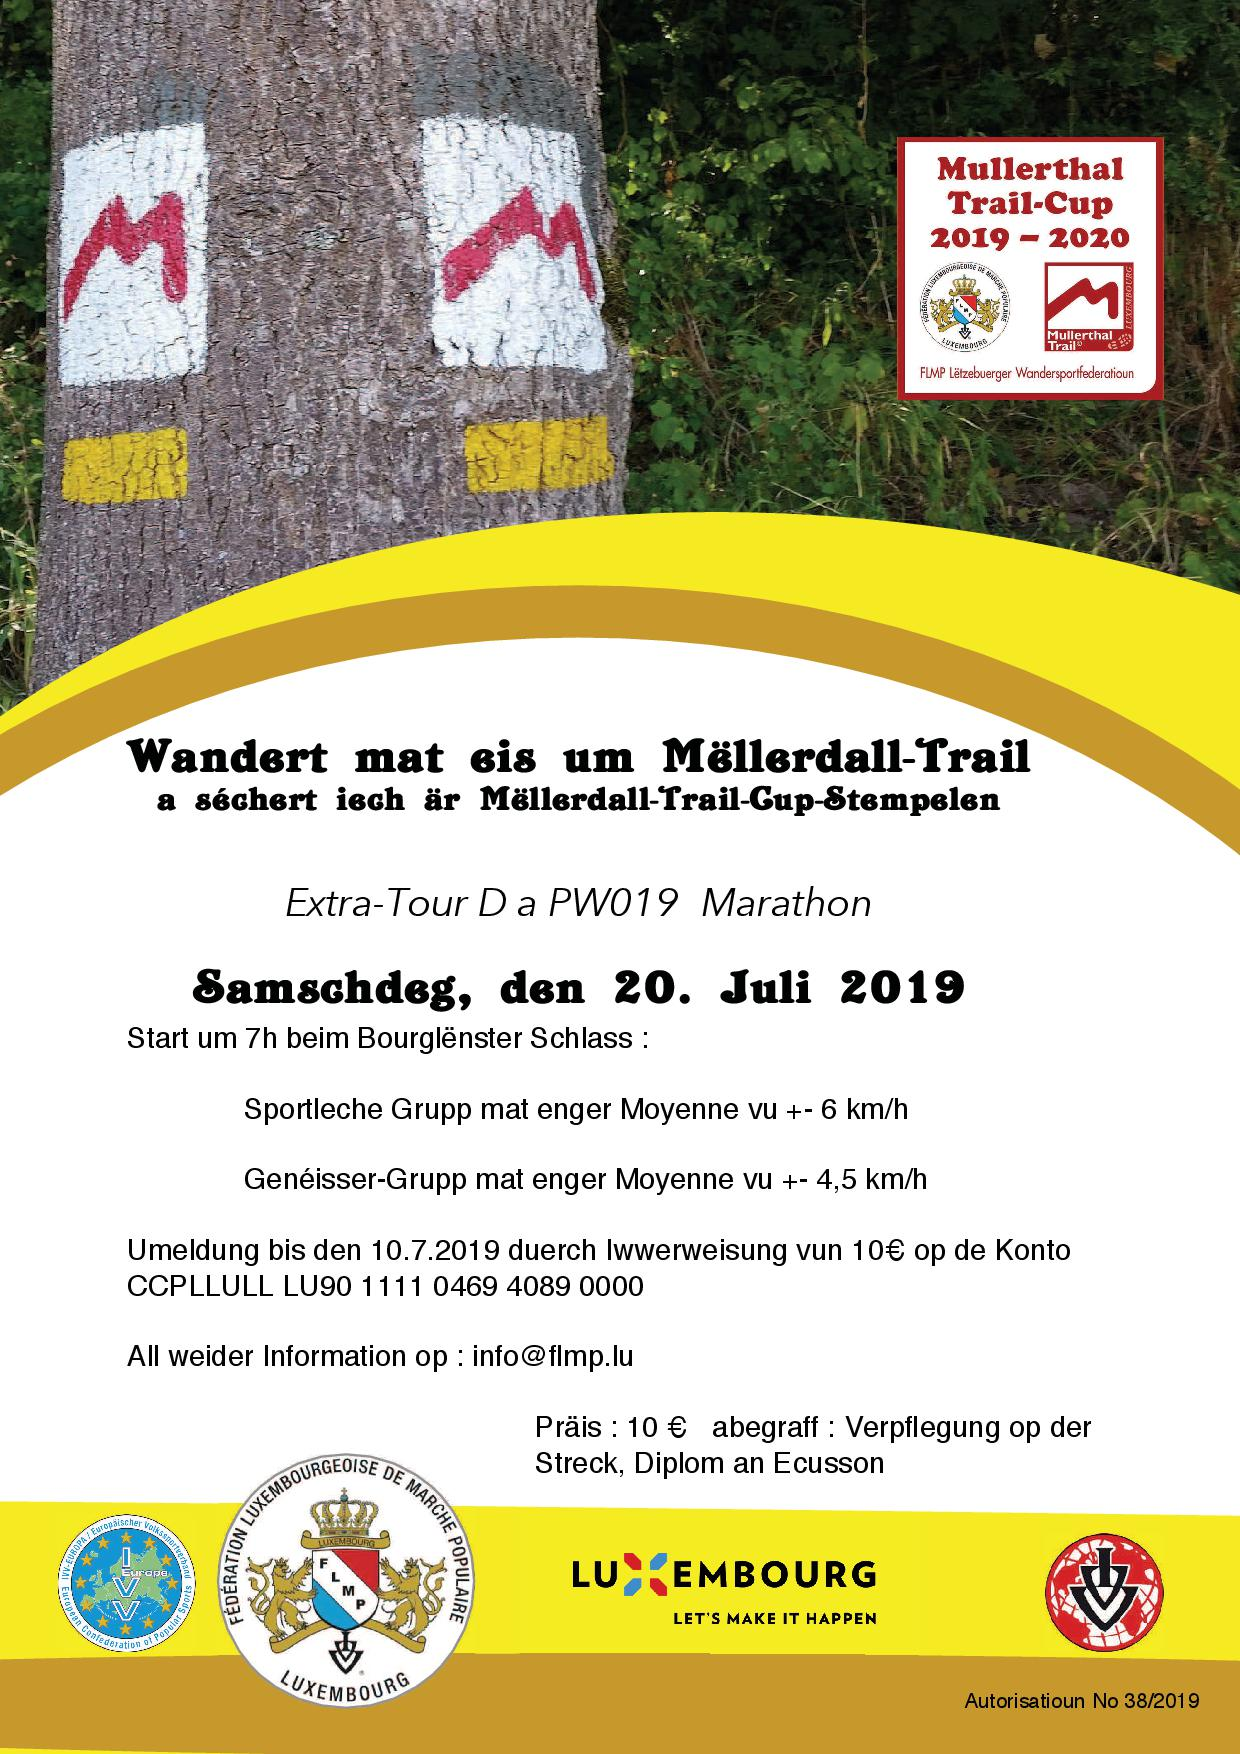 BOURGLINSTER Flmp Ivv geféierten Mëllerdall-Trail Marathon